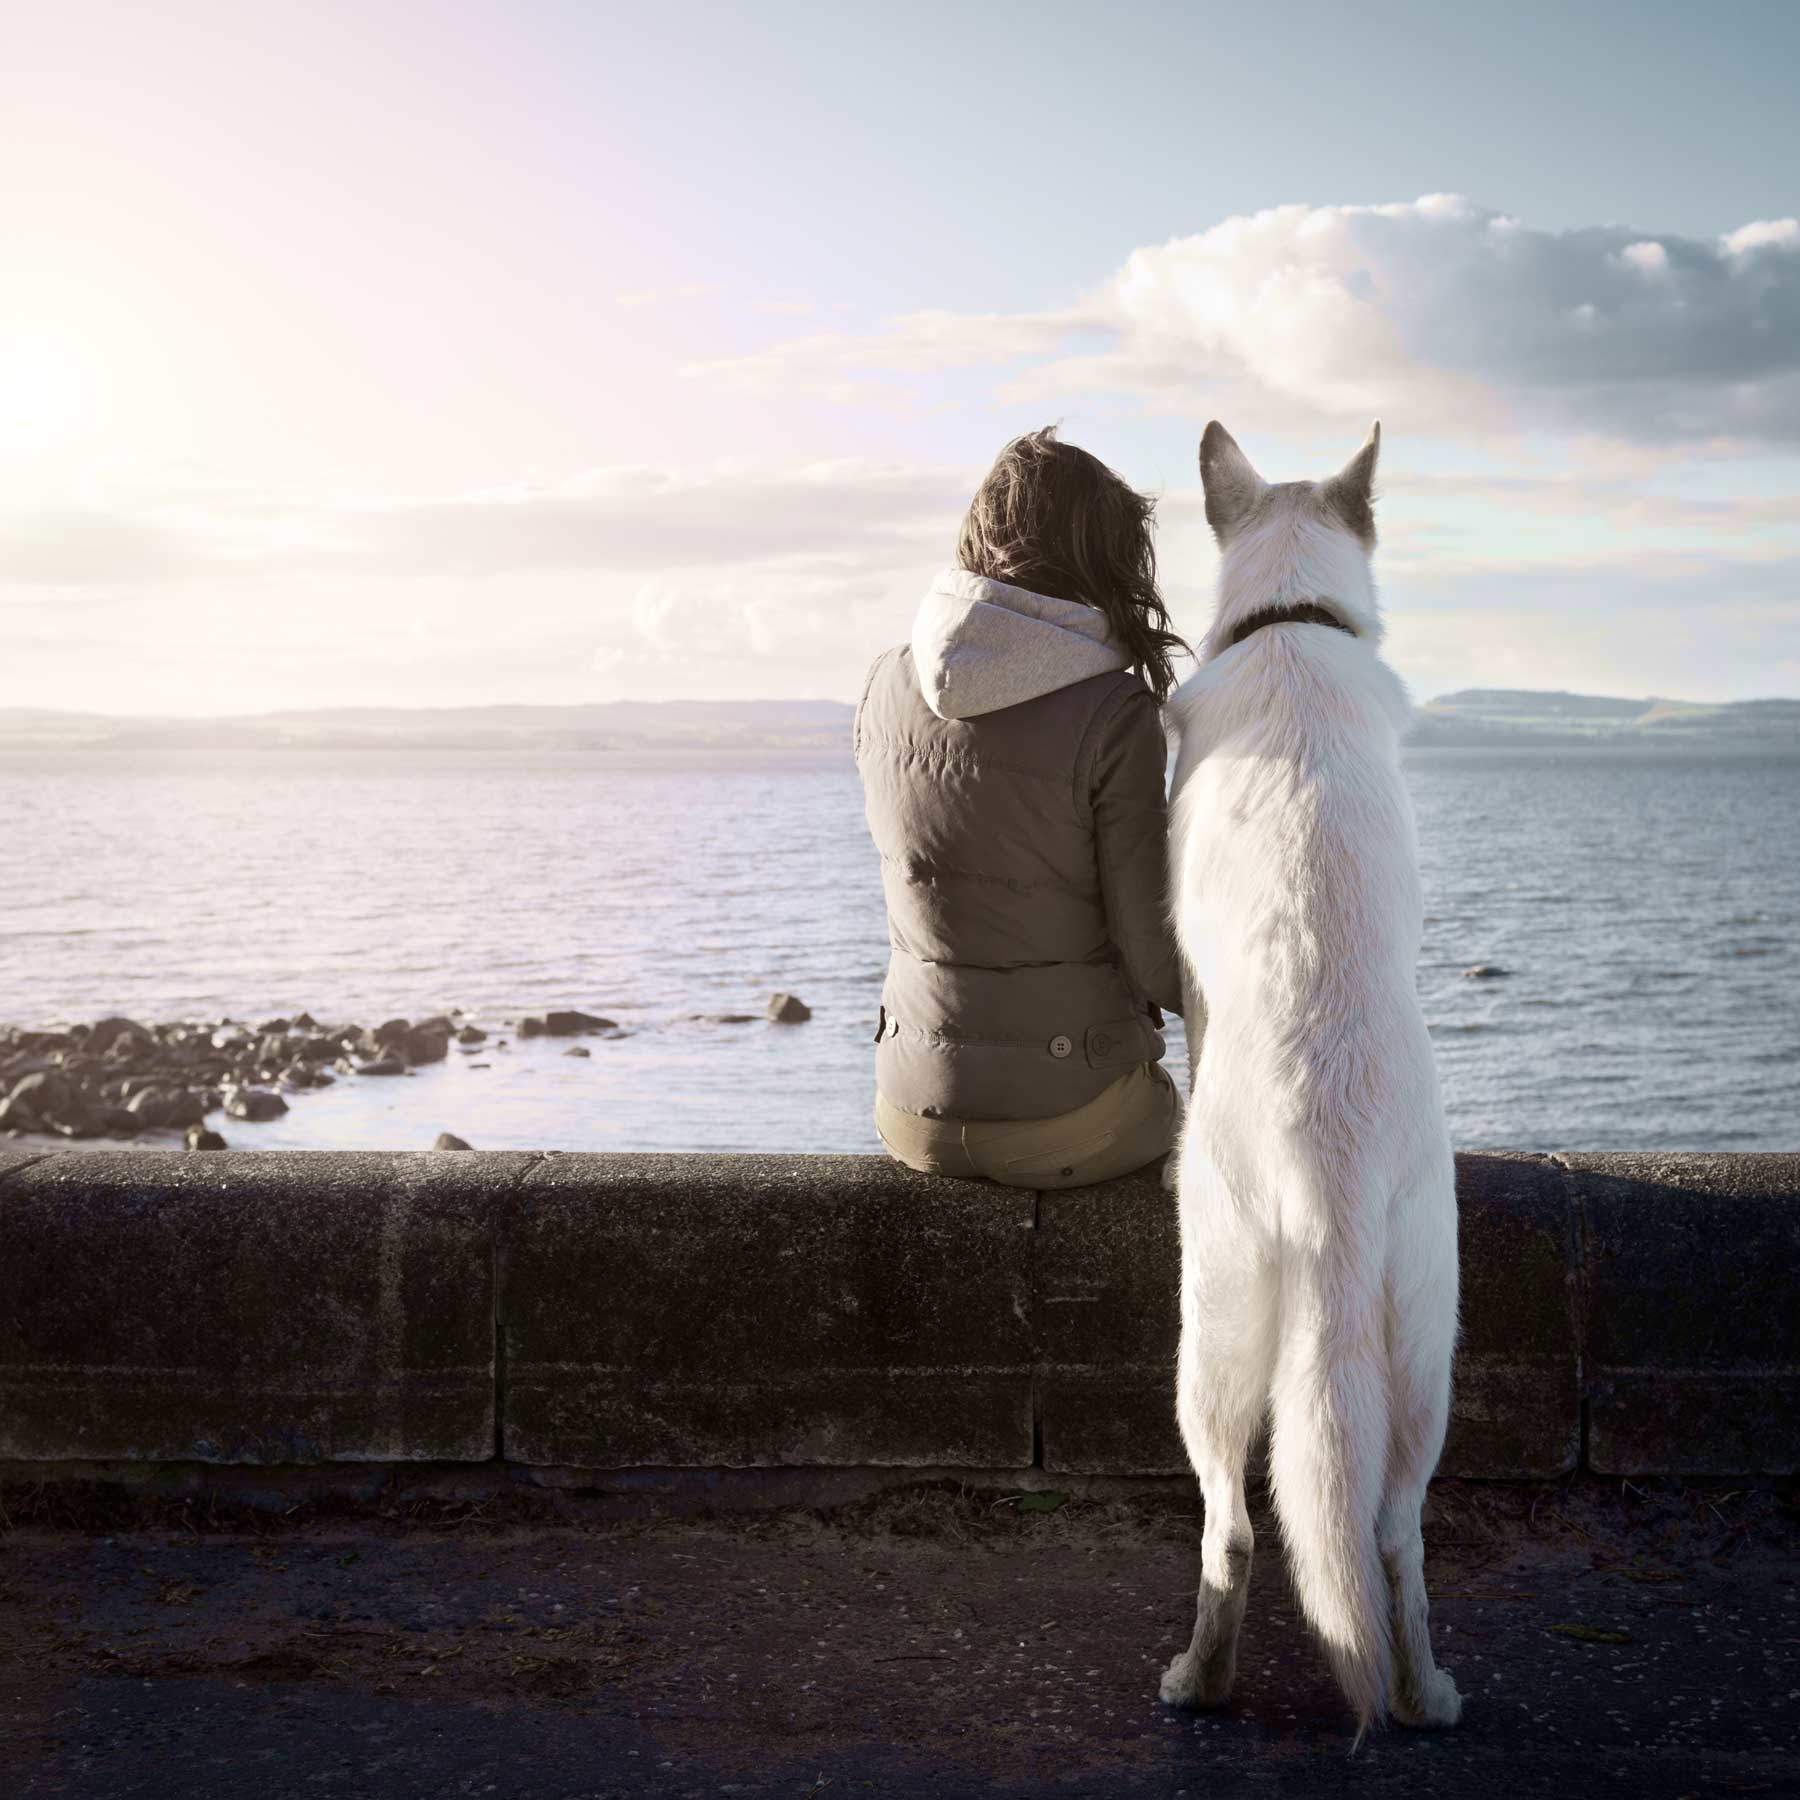 seitz_girl_dog_sea